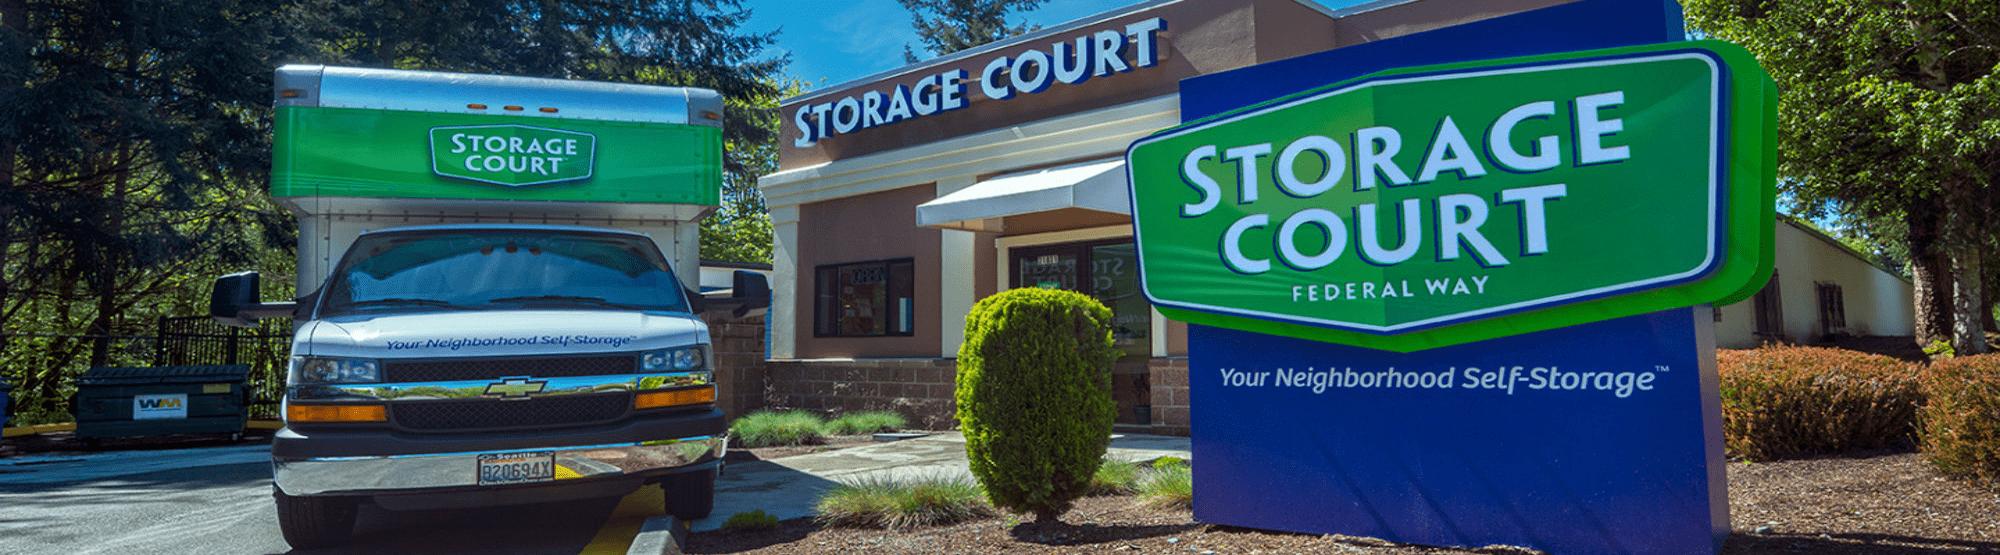 Storage Court-Truck